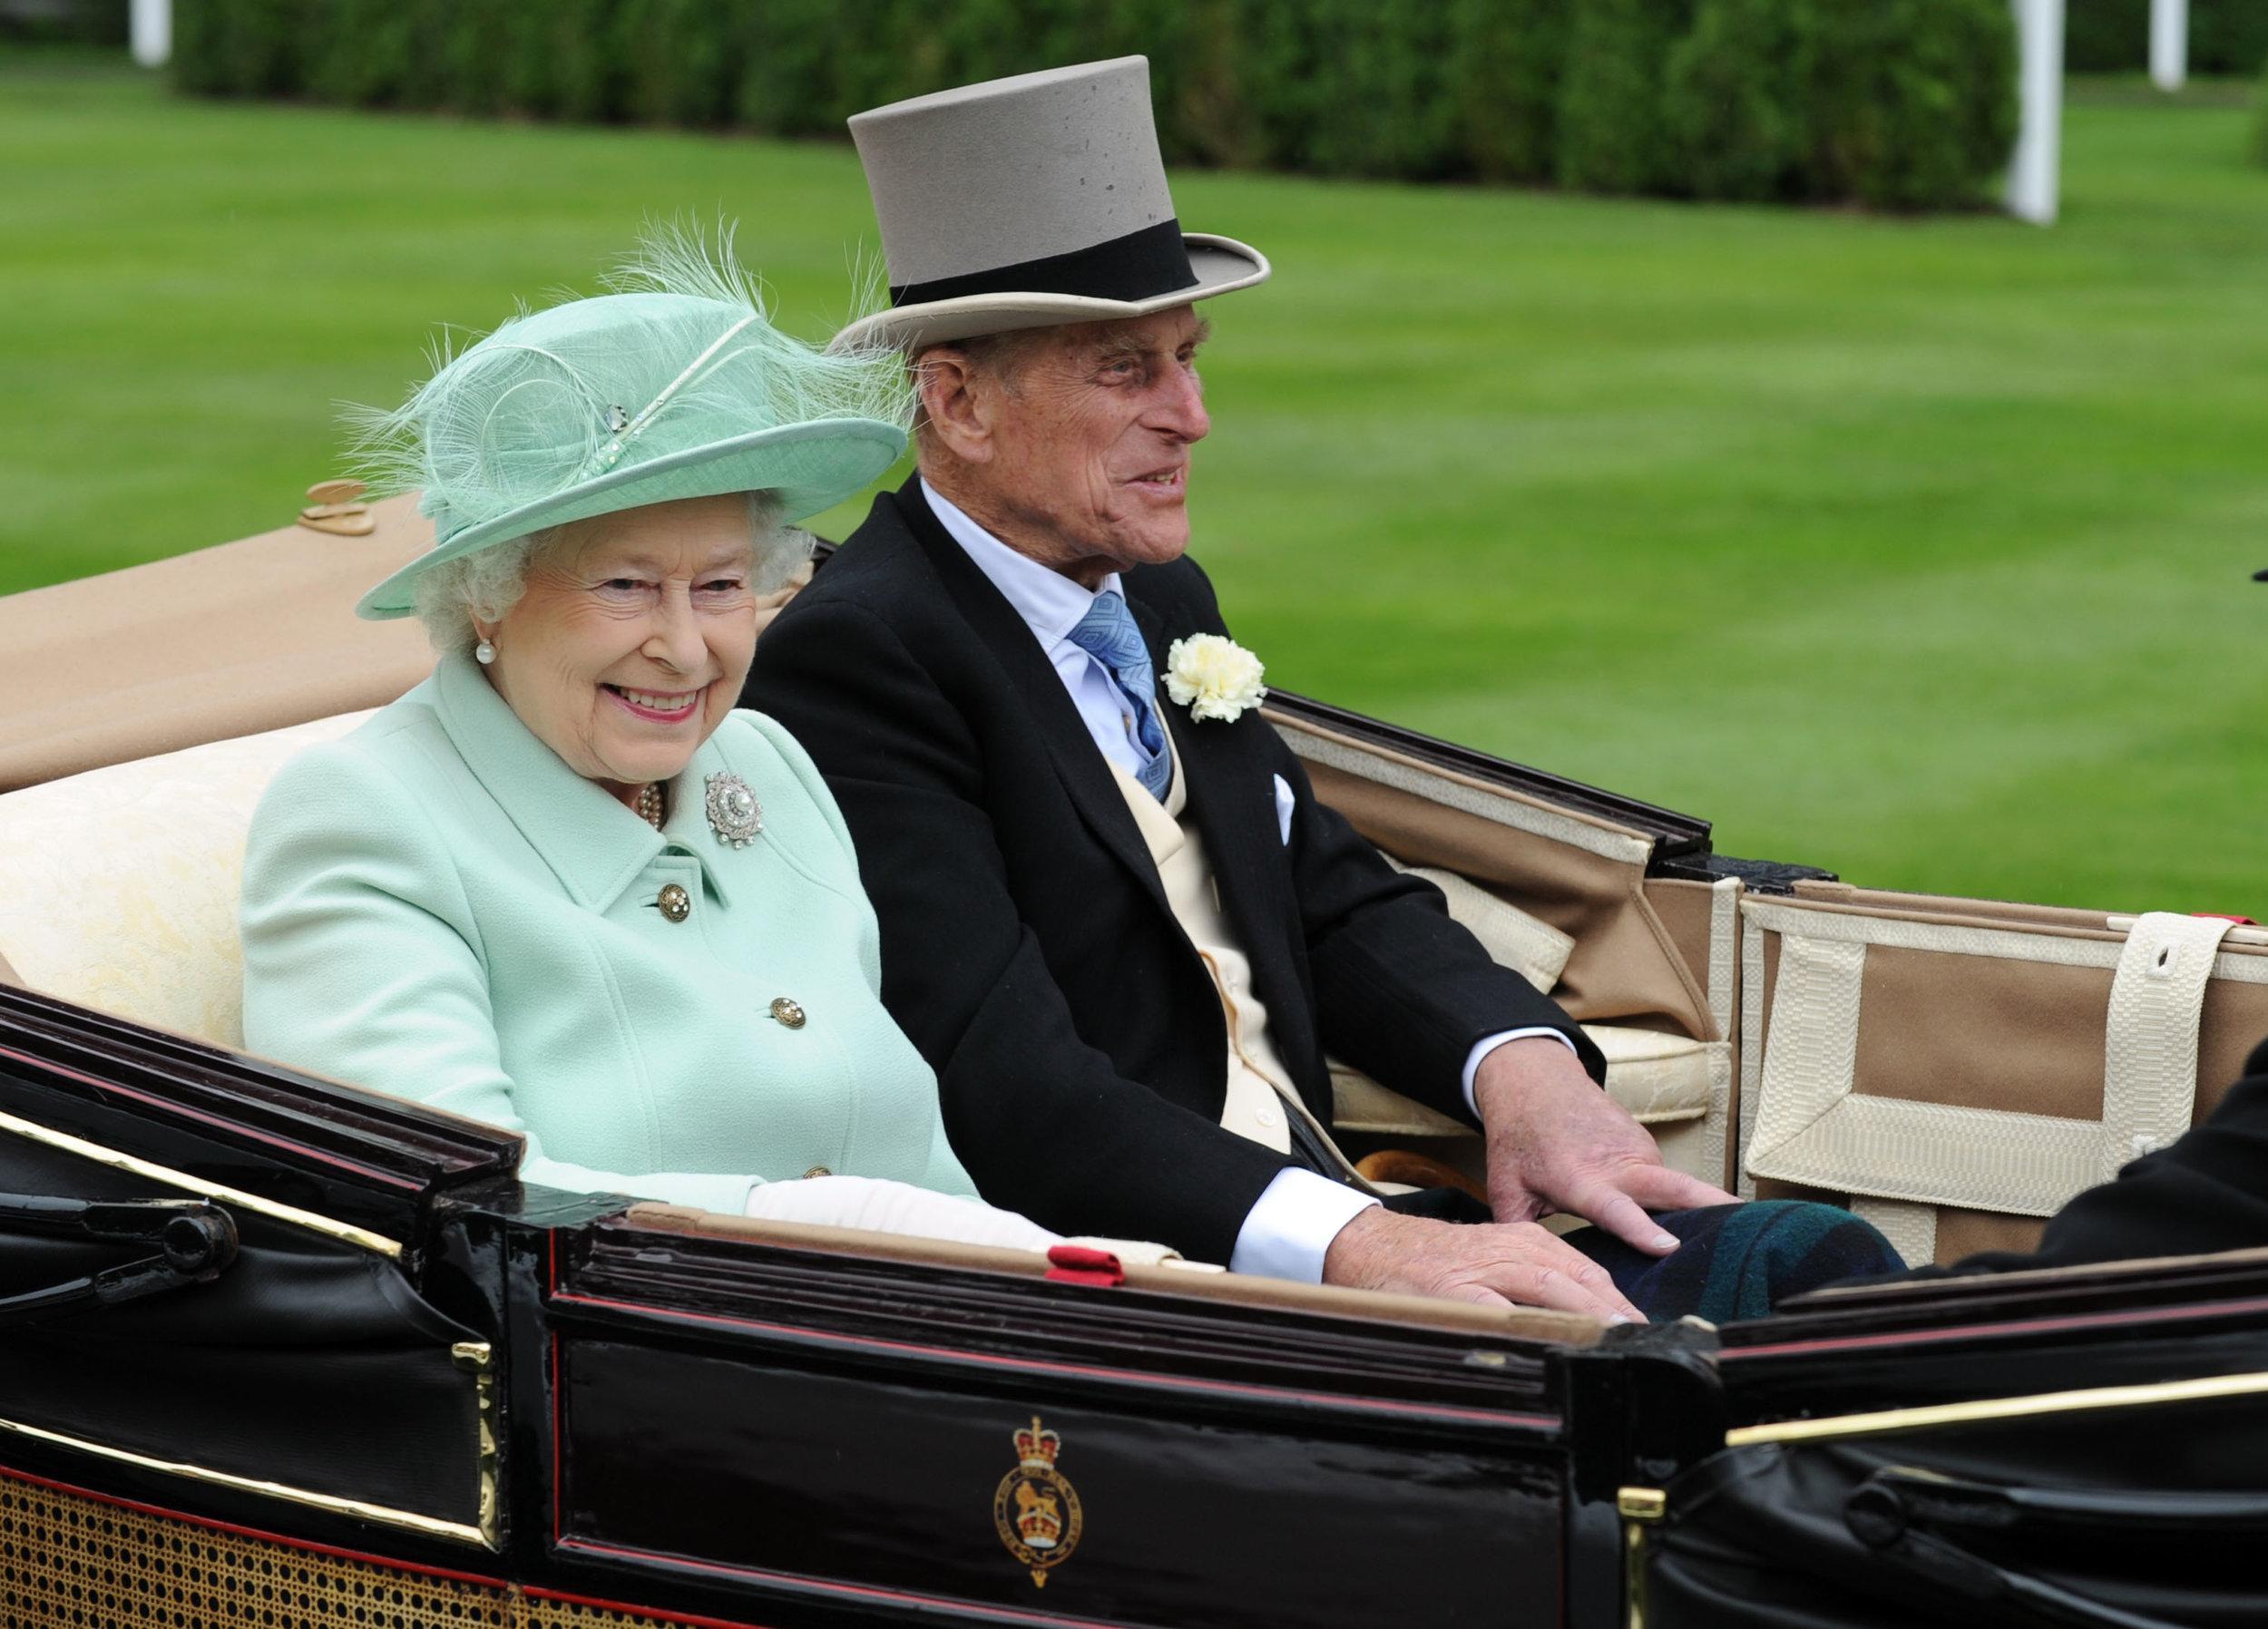 """Die Queen und ihr Philip verhalten sich sprichwörtlich """"wie ein altes Ehepaar"""".  Foto: Getty Images"""